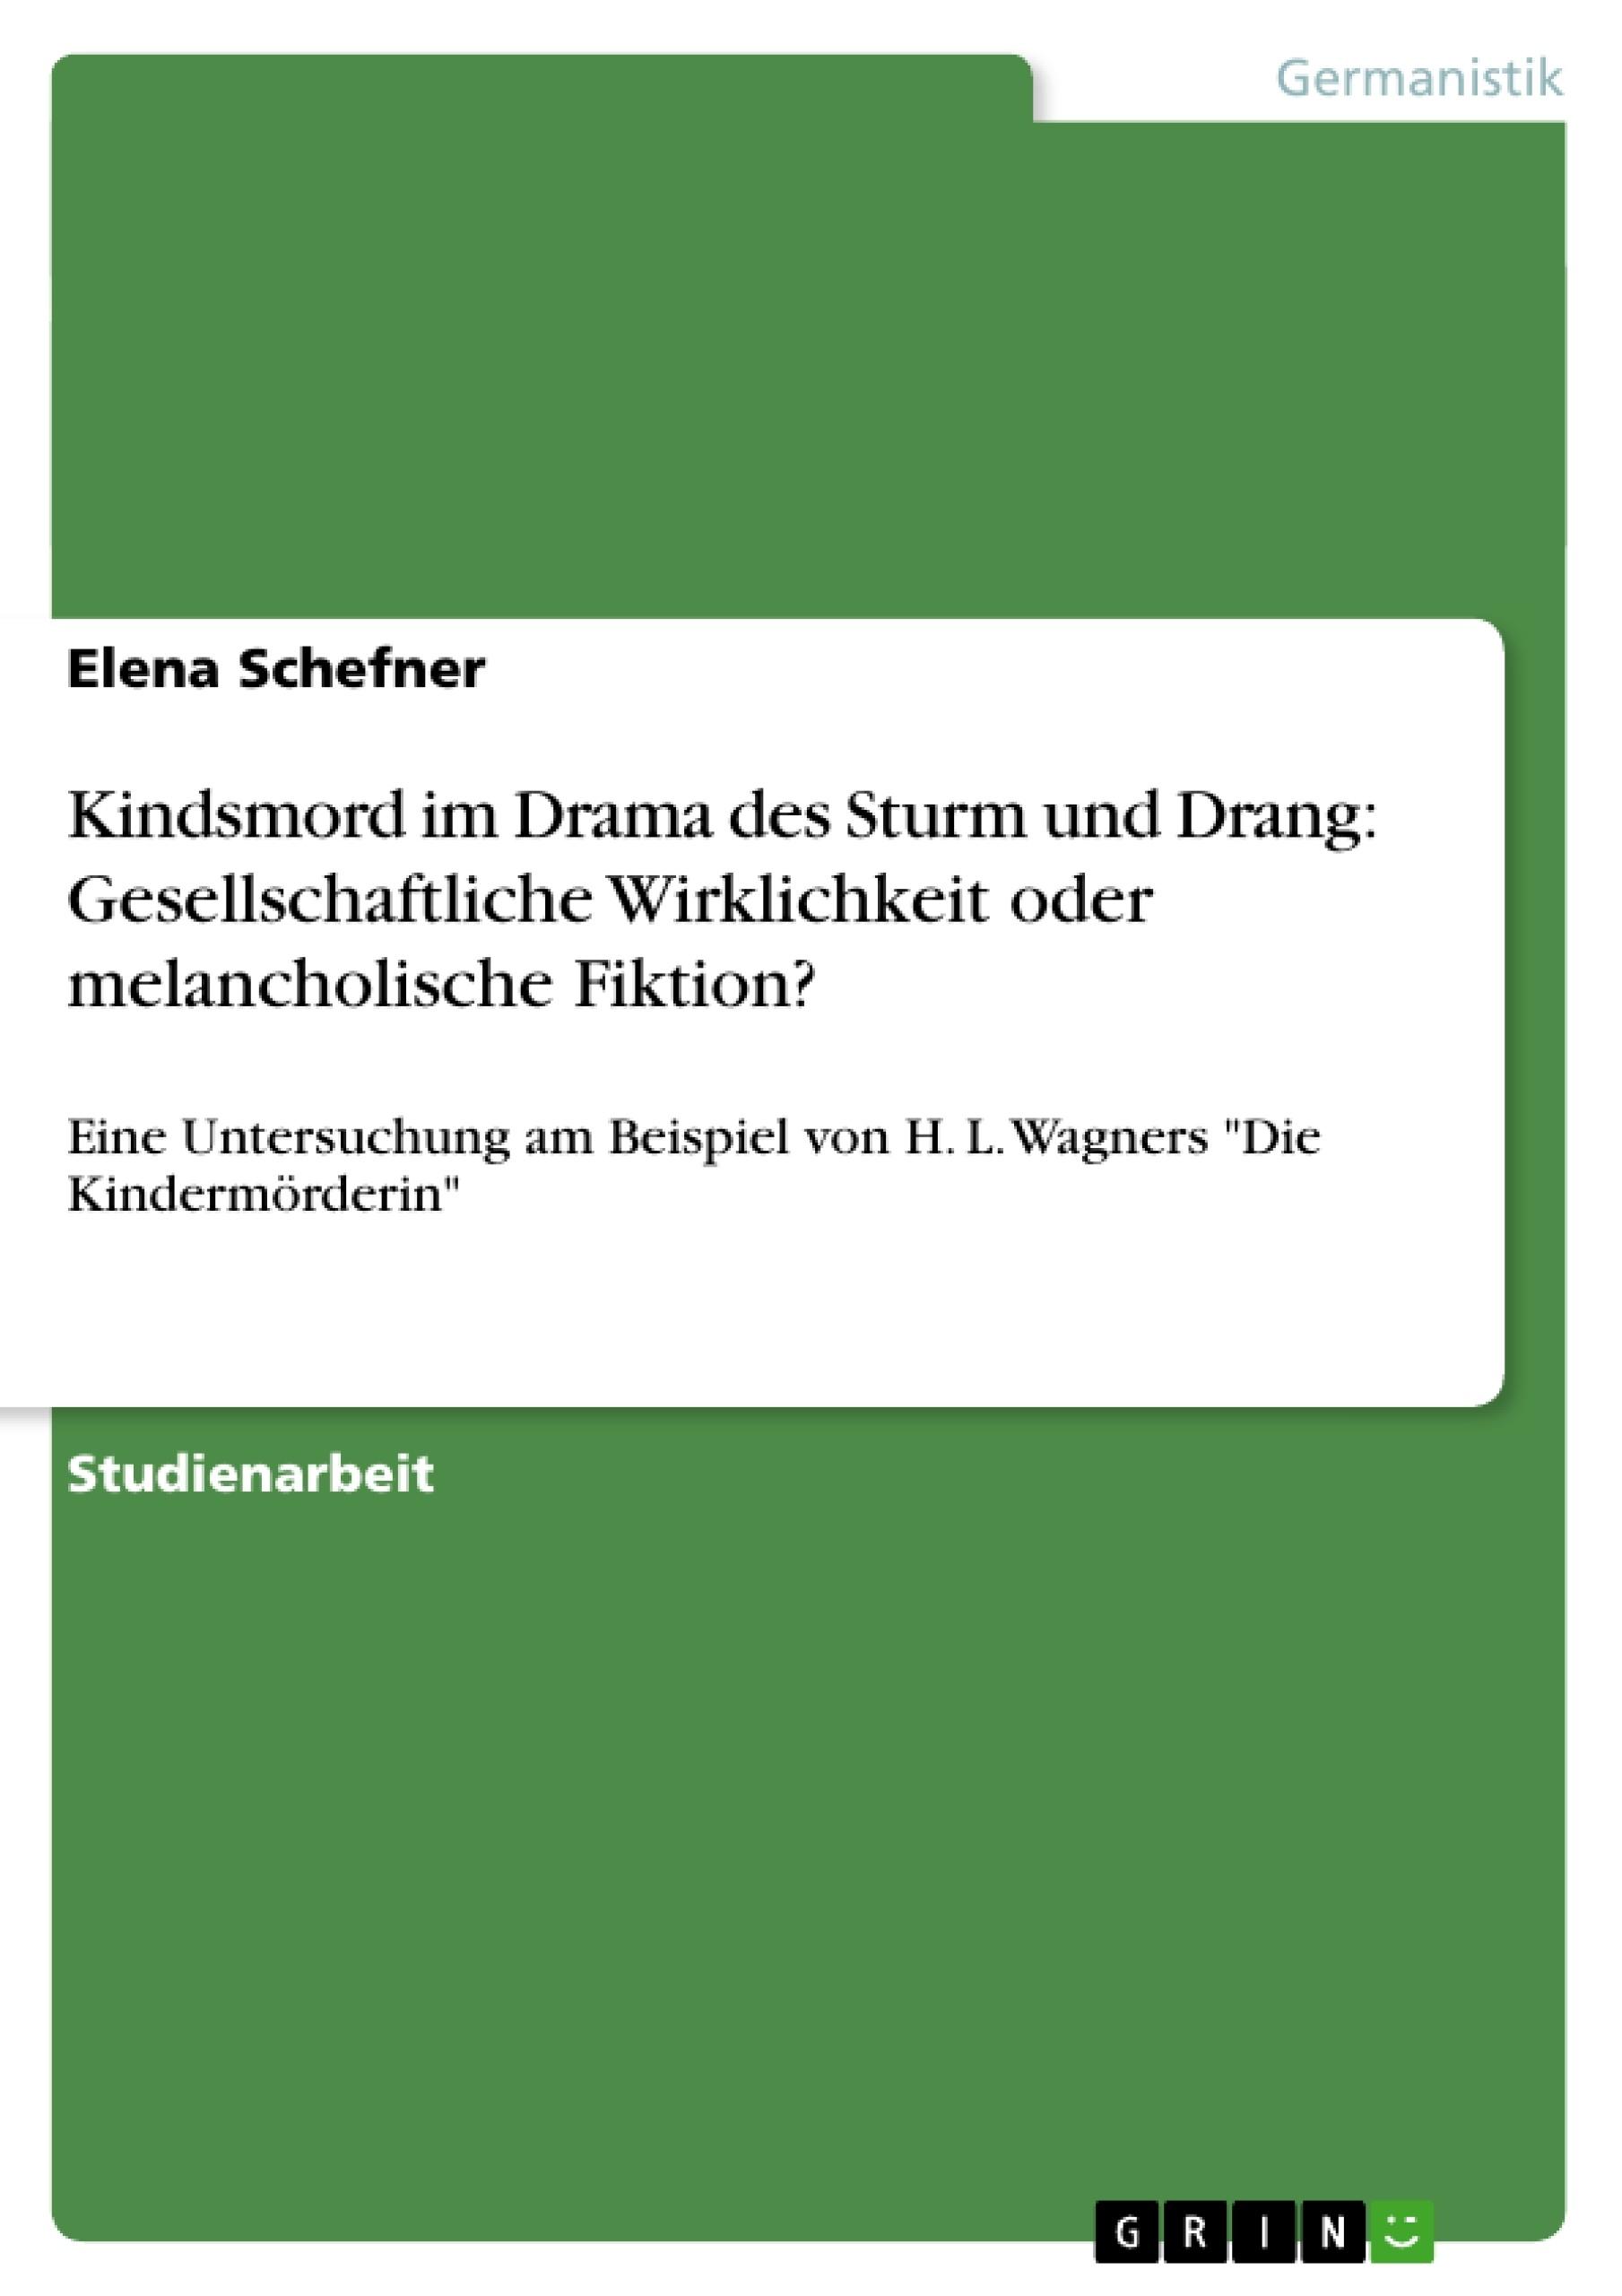 Titel: Kindsmord im Drama des Sturm und Drang: Gesellschaftliche Wirklichkeit oder melancholische Fiktion?